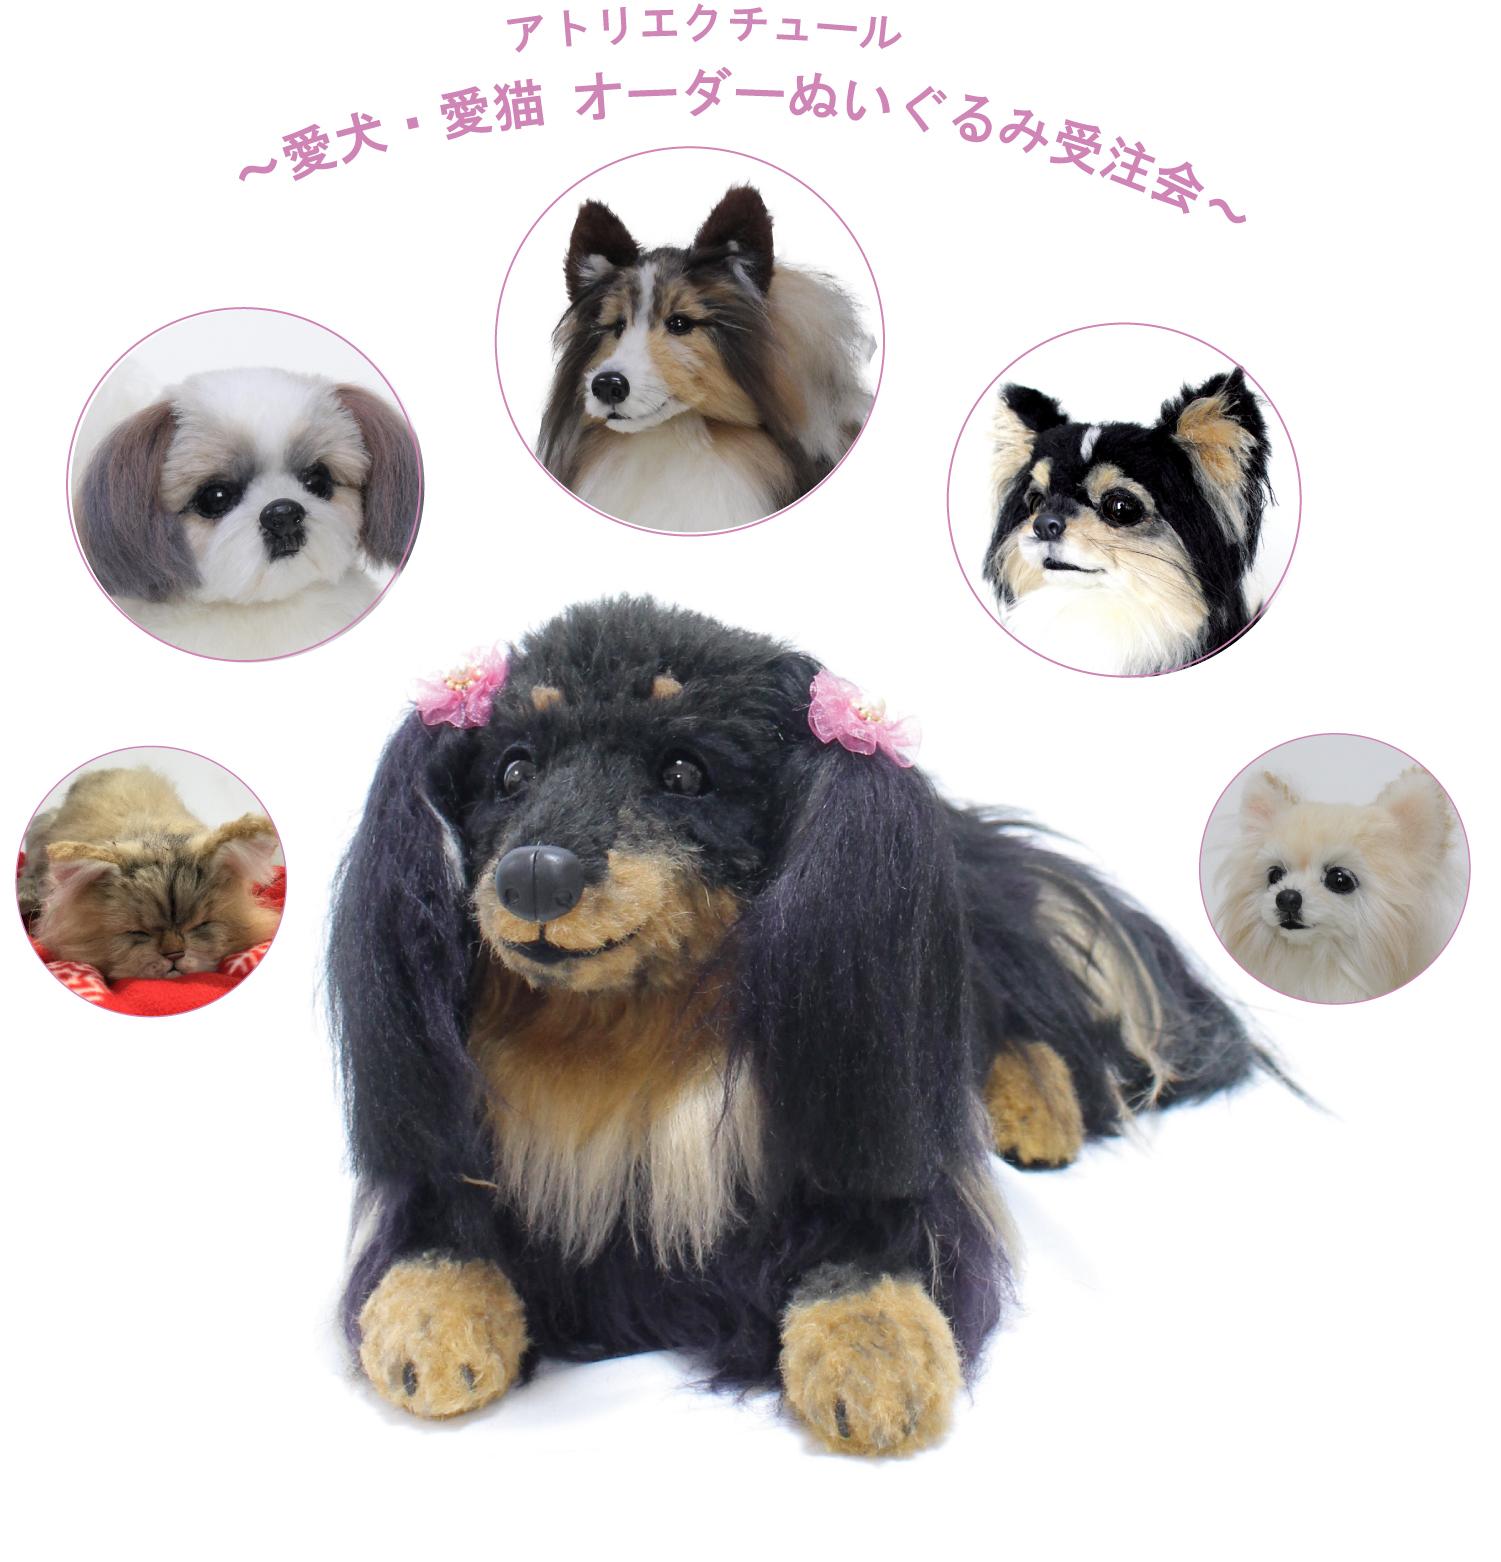 ペット犬猫ぬいぐるみオーダーメイド会